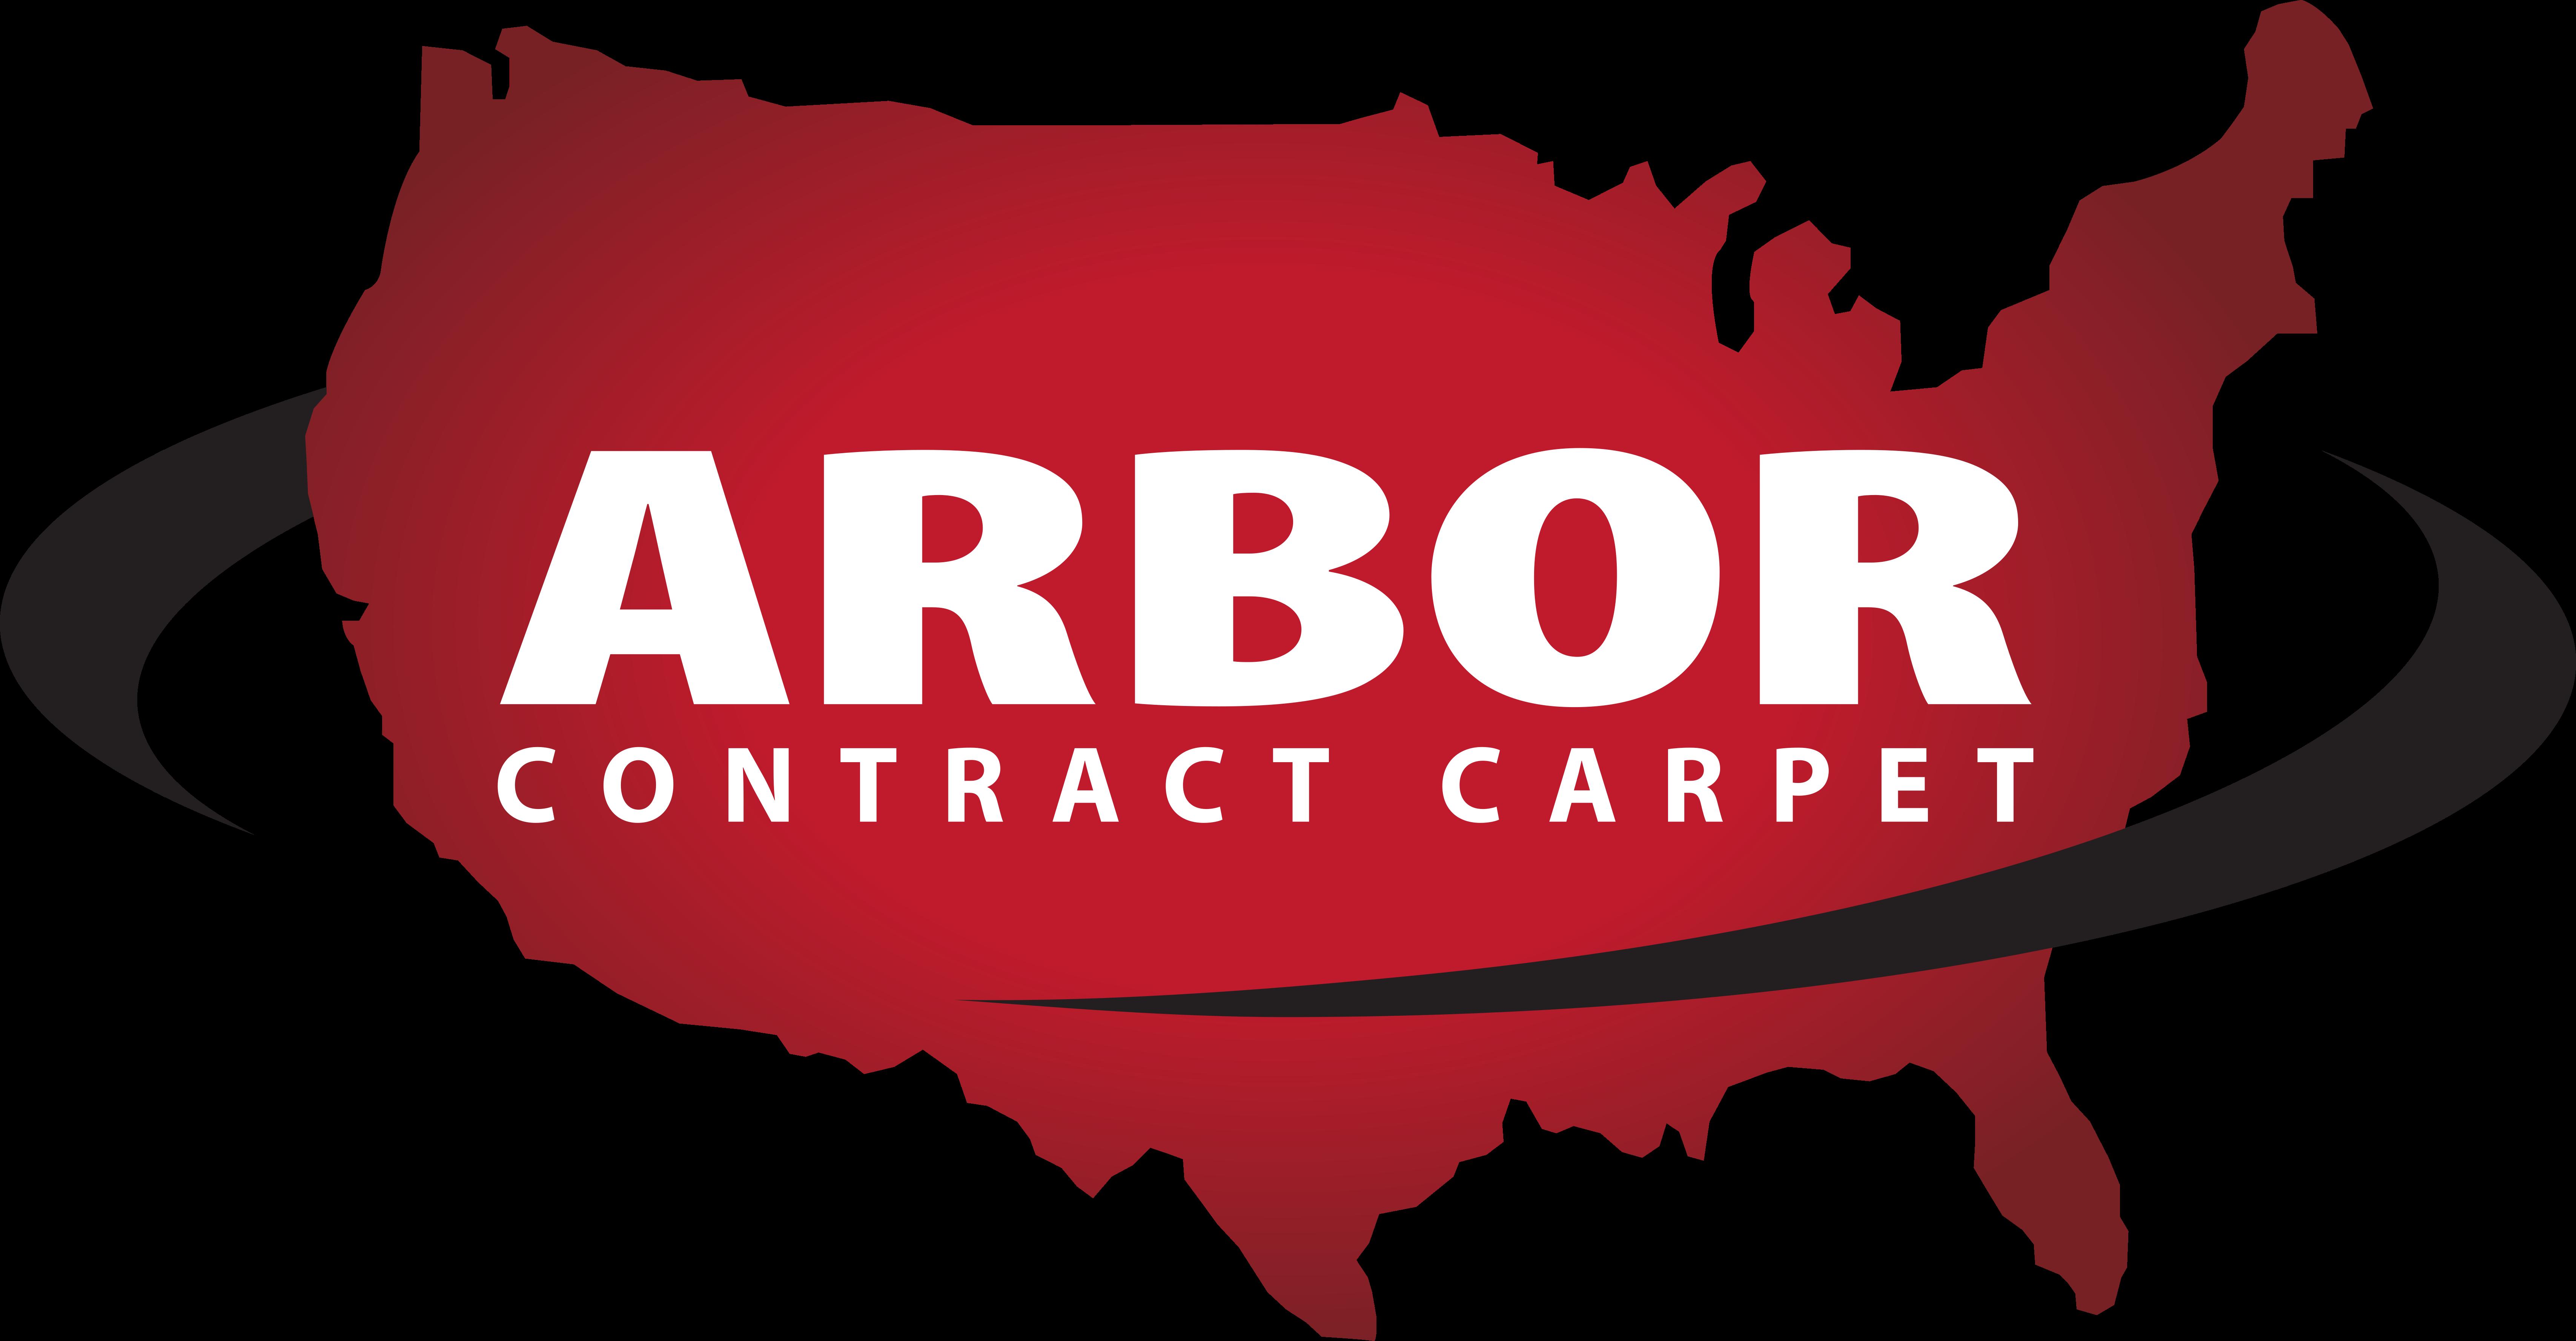 Arbor Carpet logo